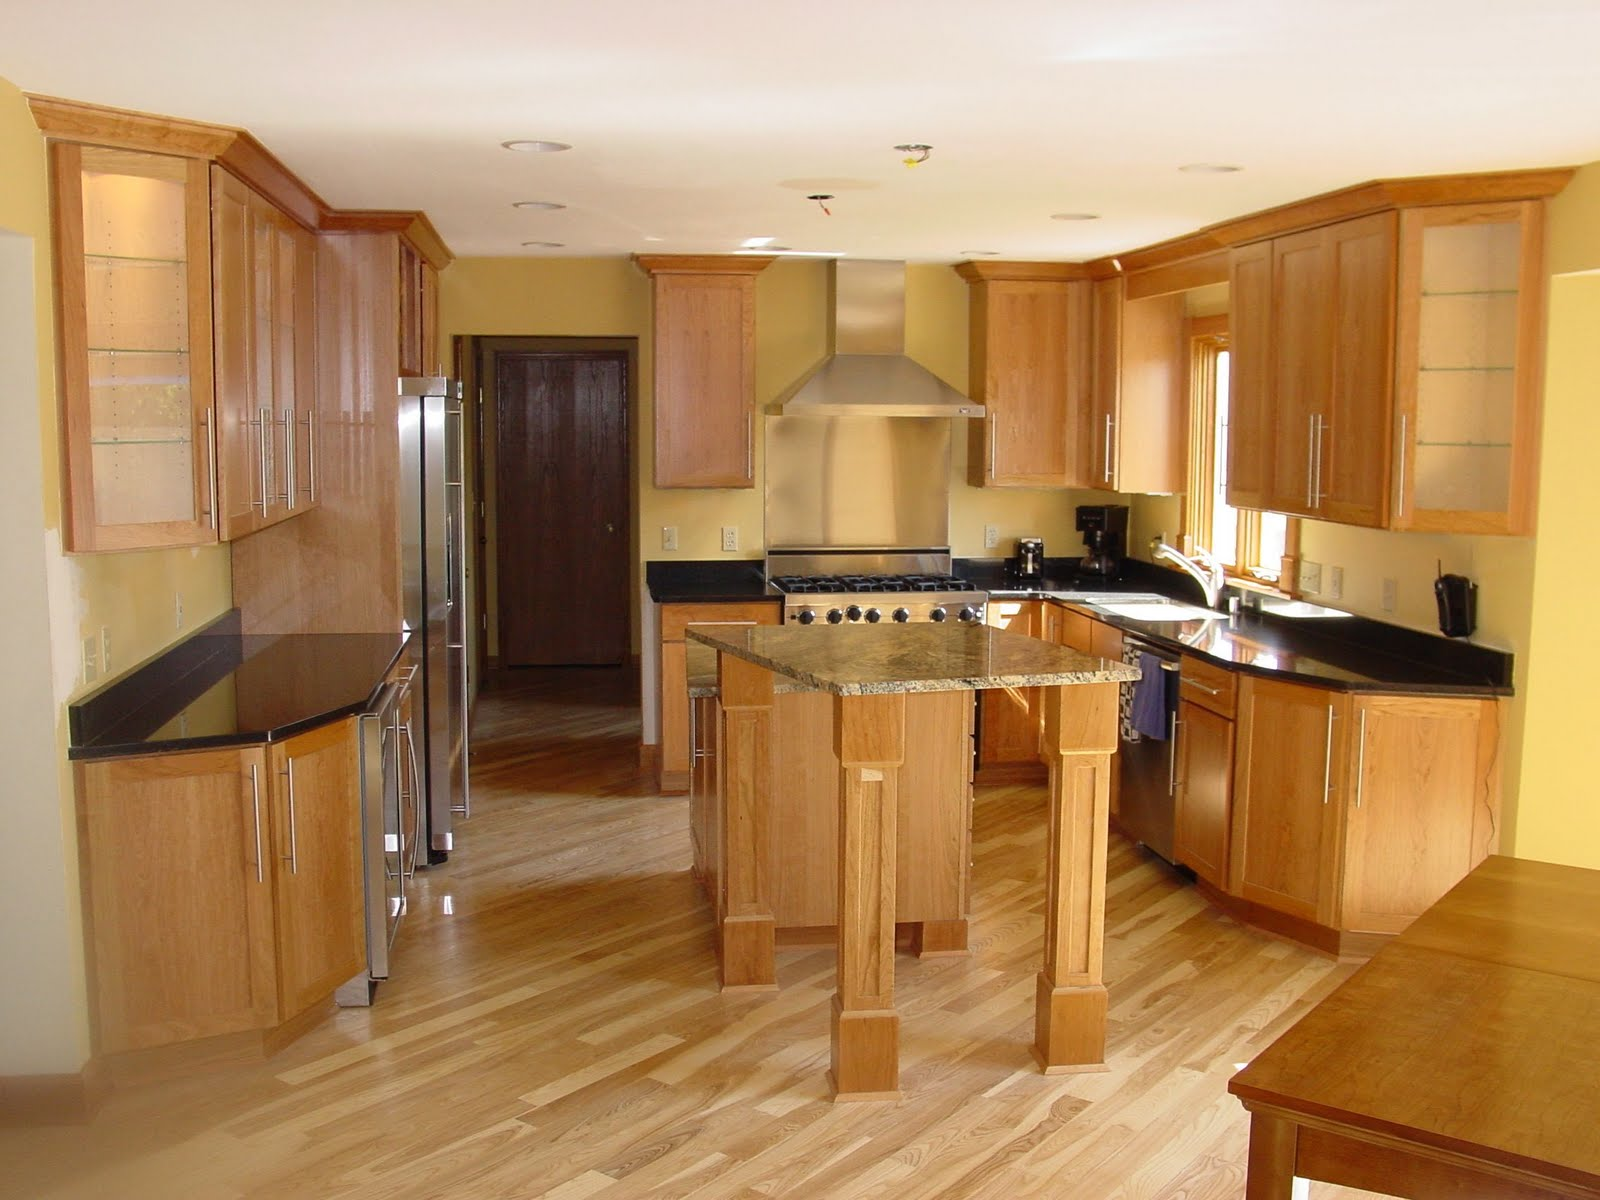 fotos de cocinas de madera